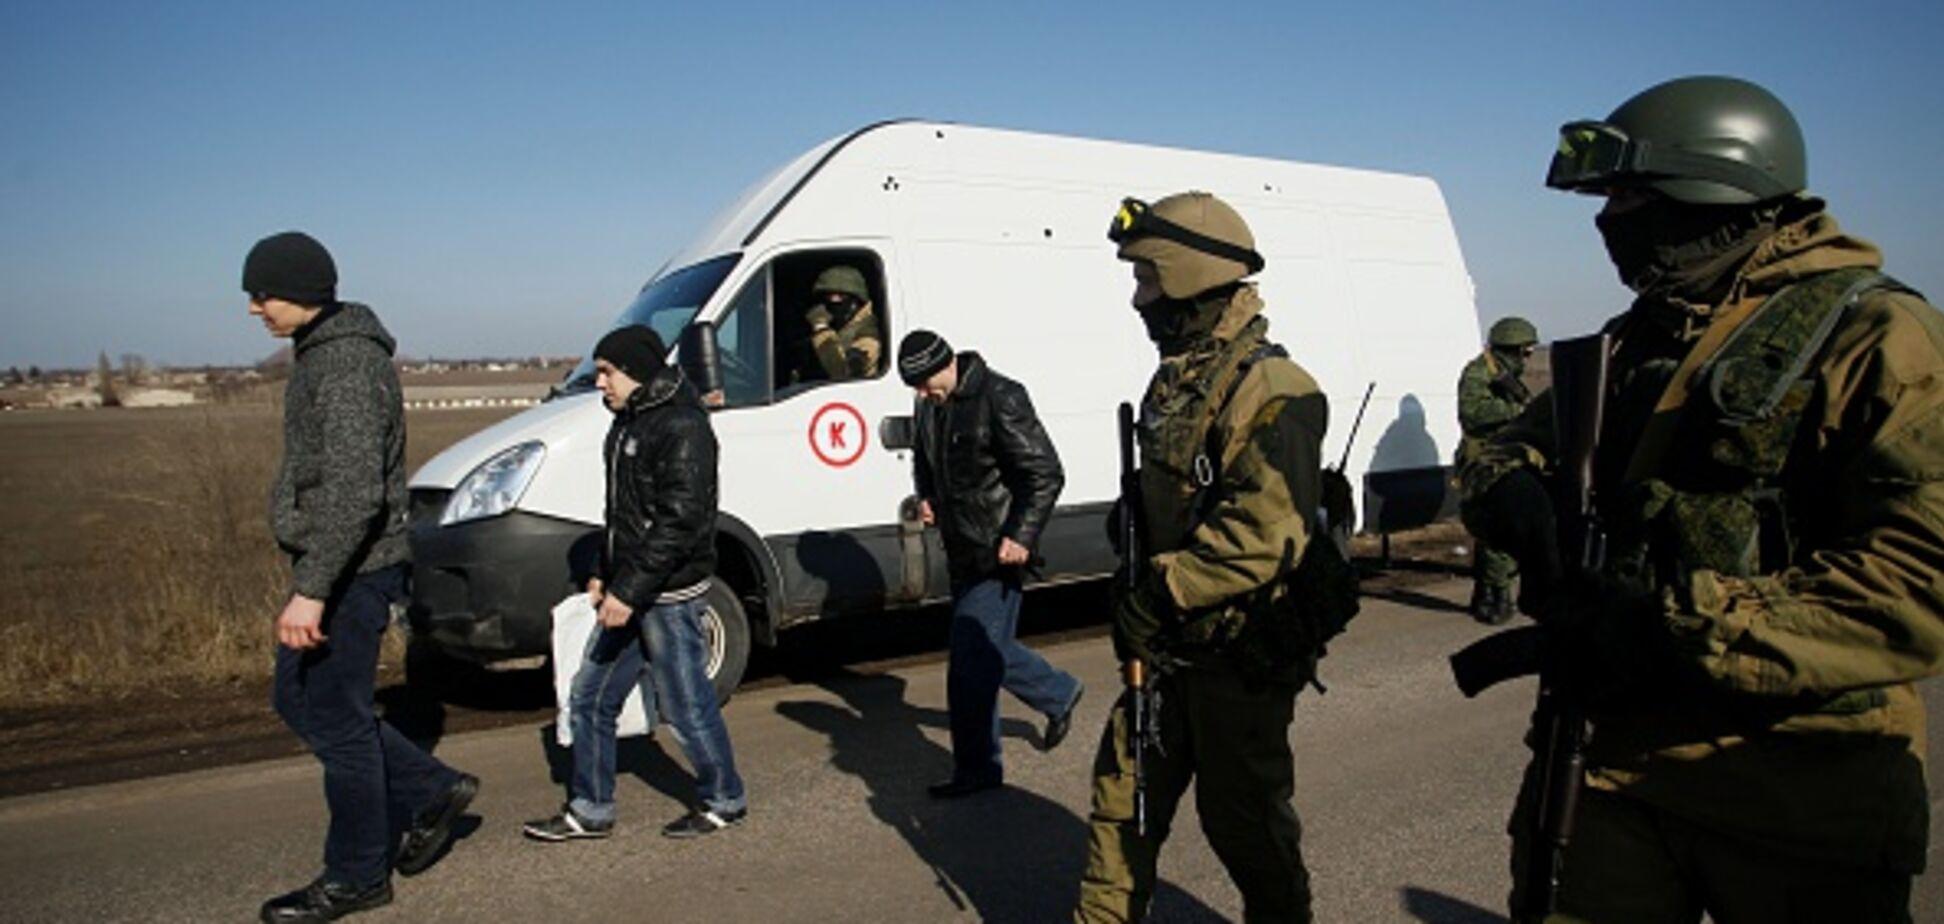 Украина предложила обмен 23 граждан РФ: в Москве ответили